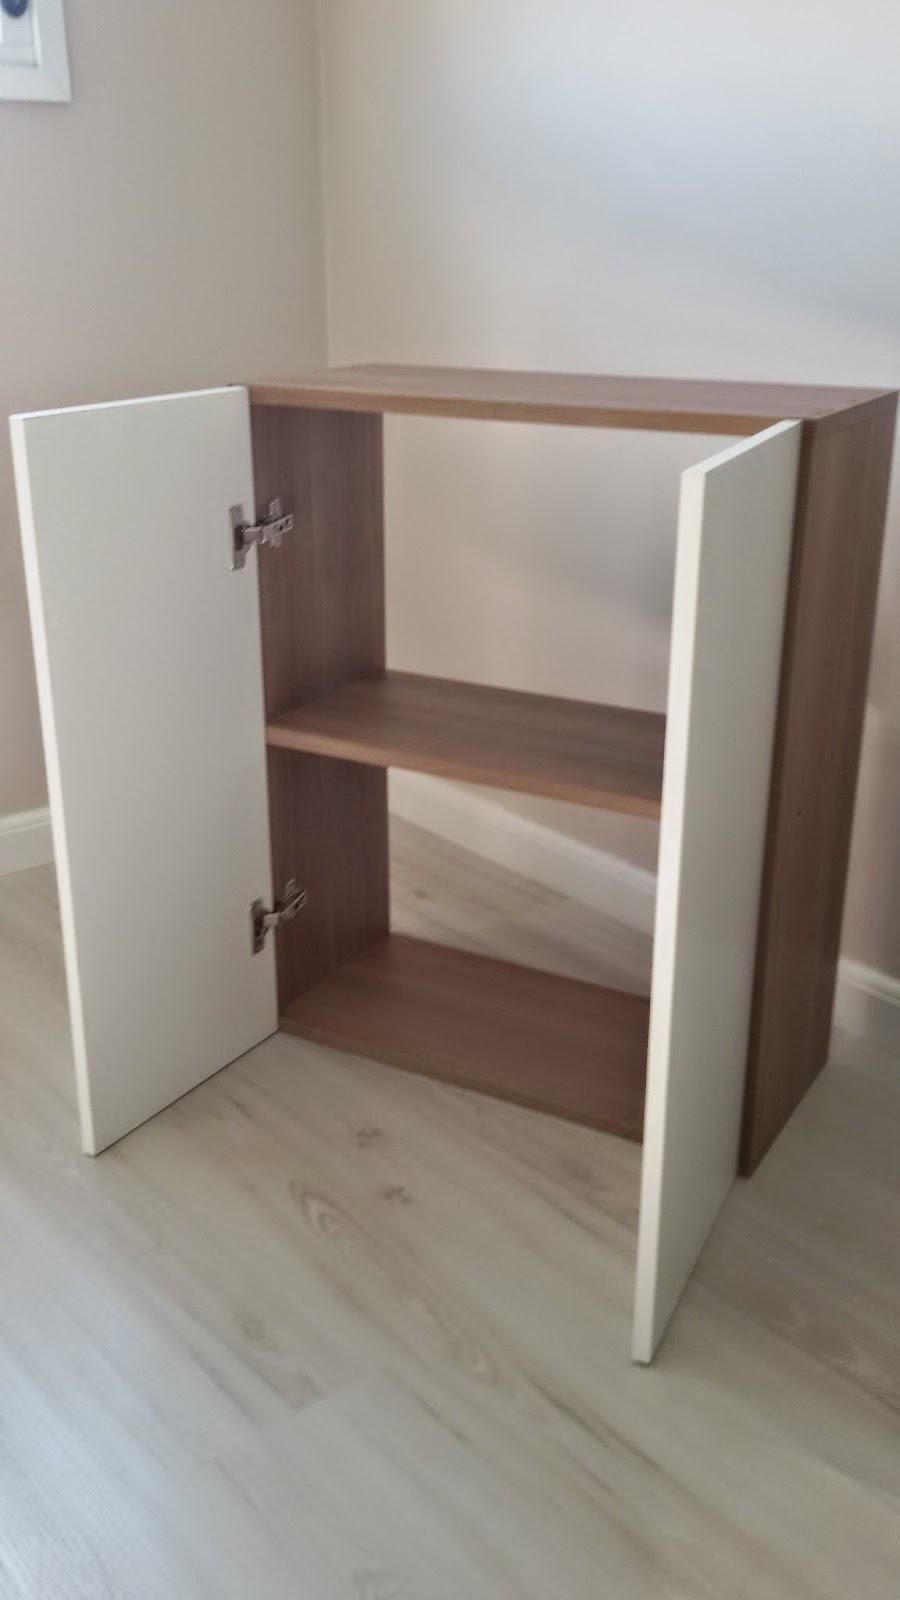 Casei, quero casa Faça você mesmo  Armário em MDF -> Como Fazer Um Armario De Banheiro De Mdf